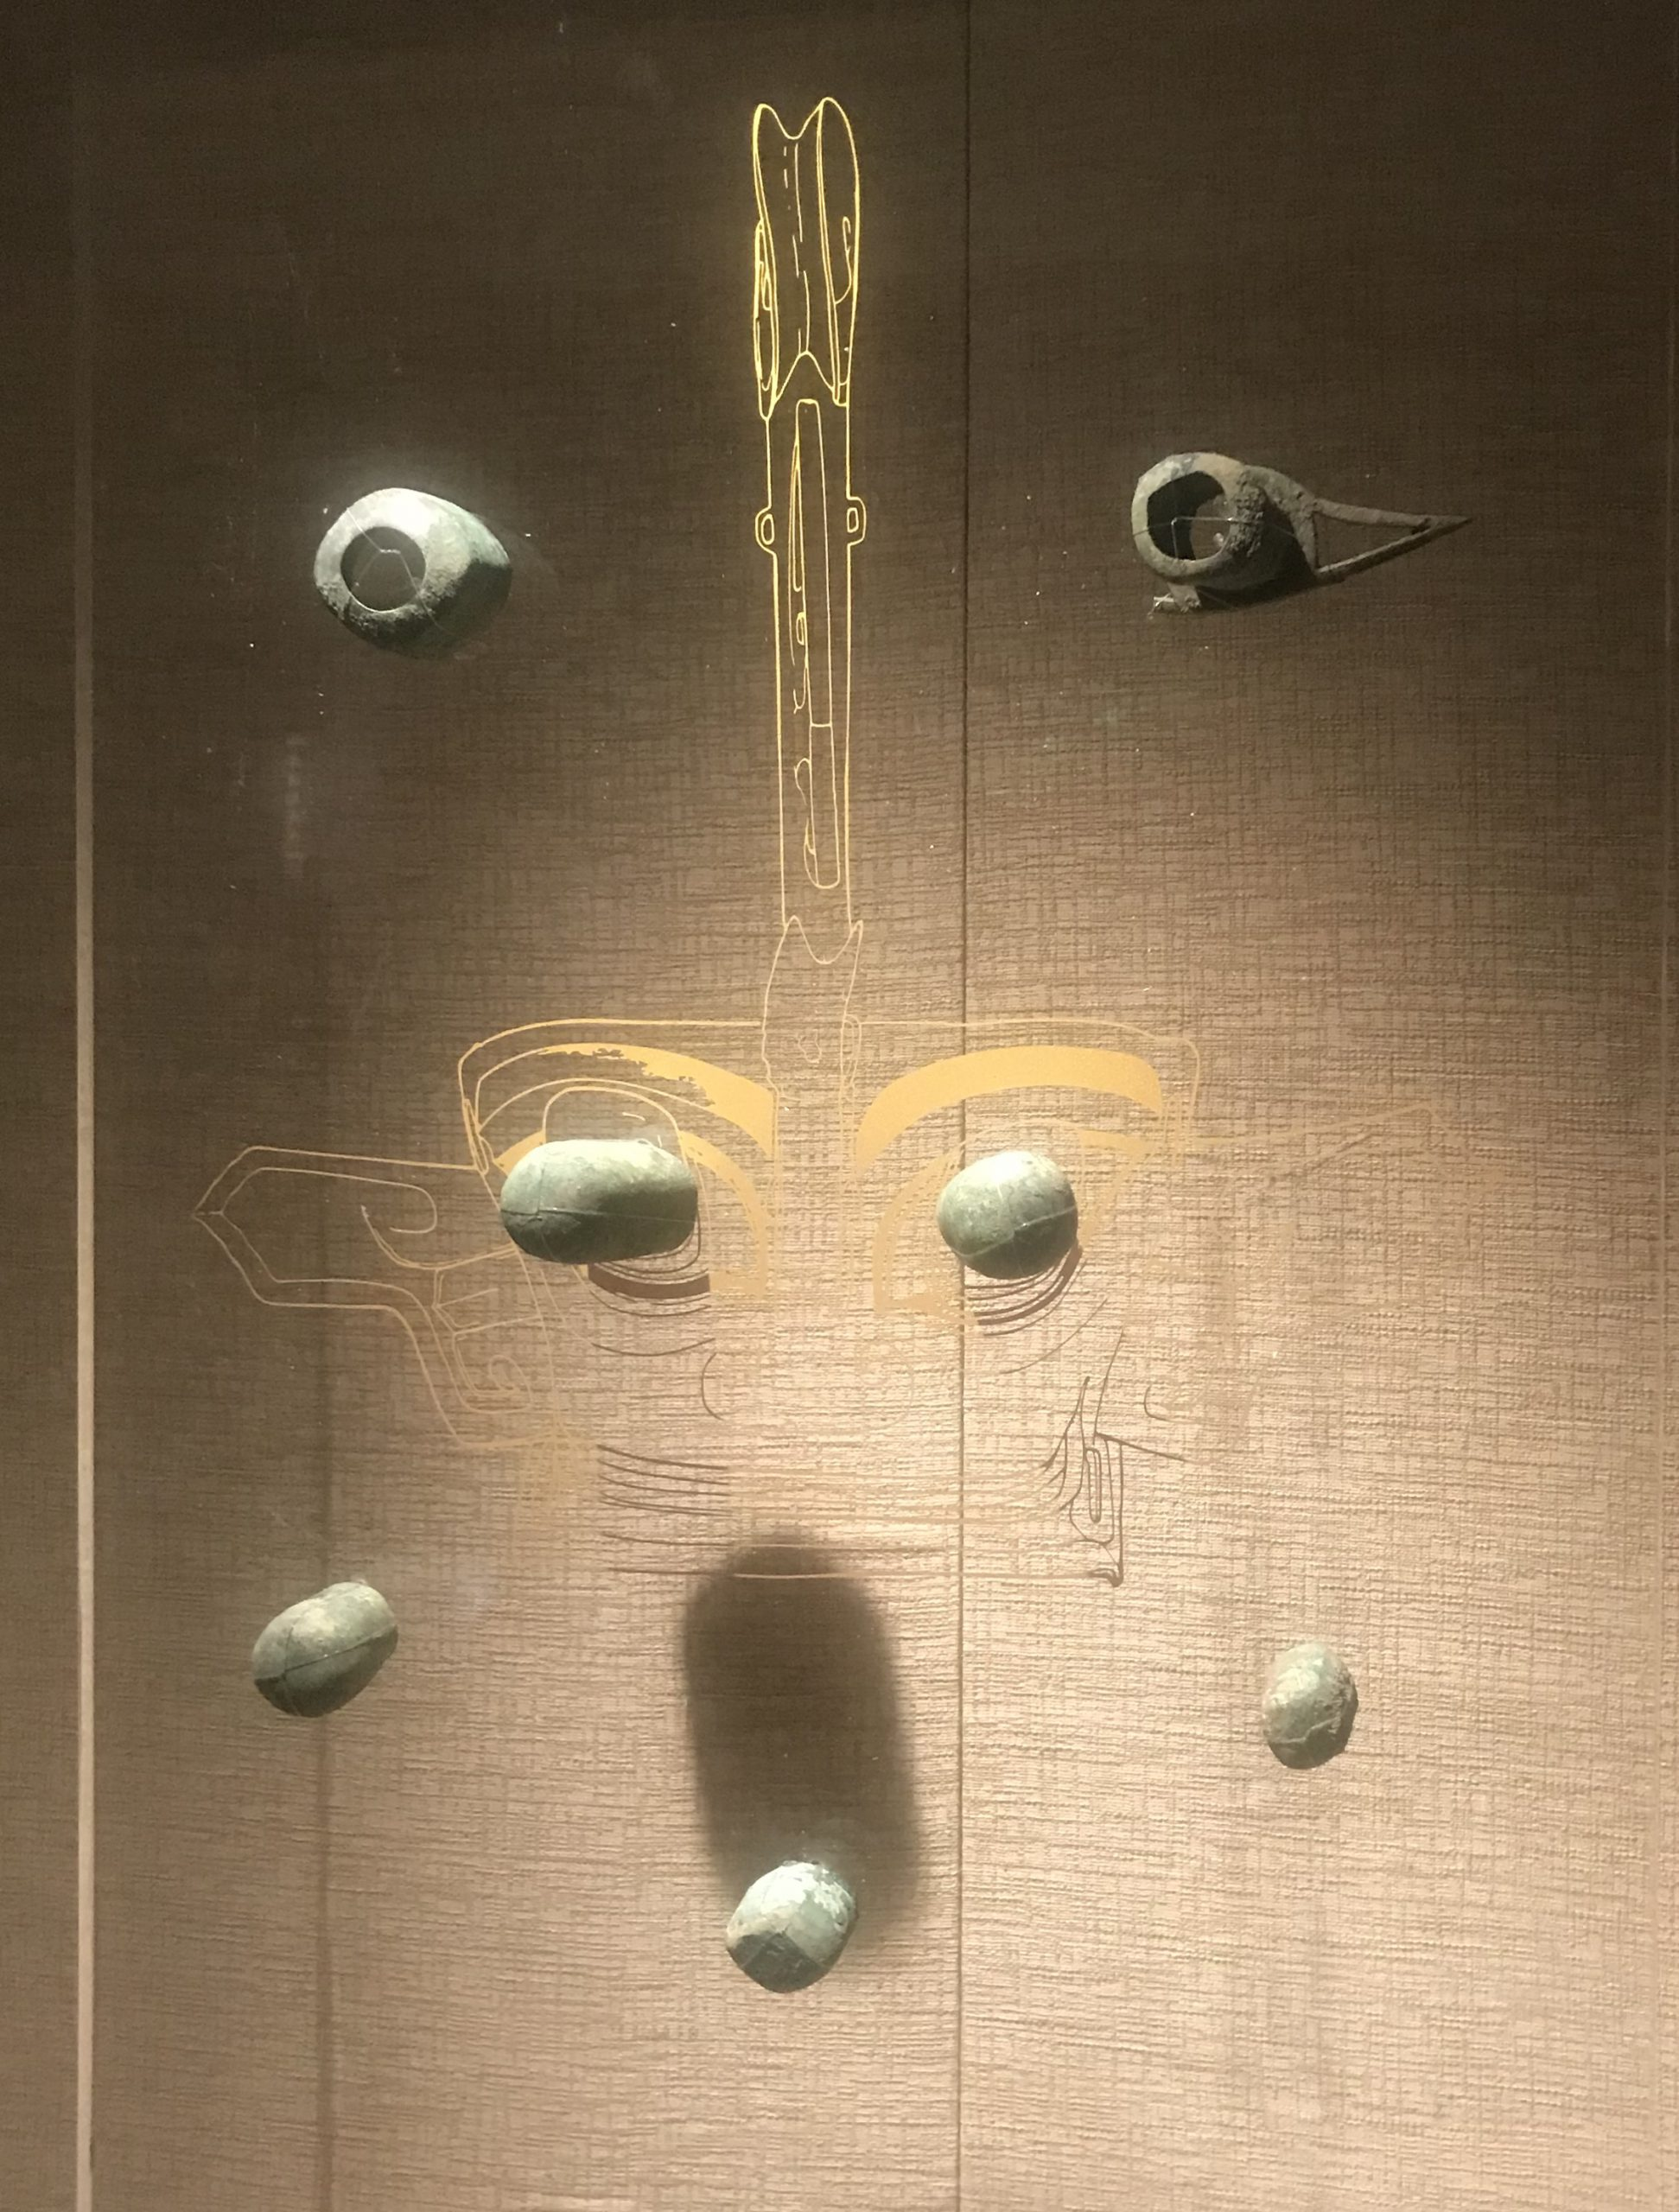 青銅眼泡-青銅器館-三星堆博物館-広漢市-徳陽市-四川省